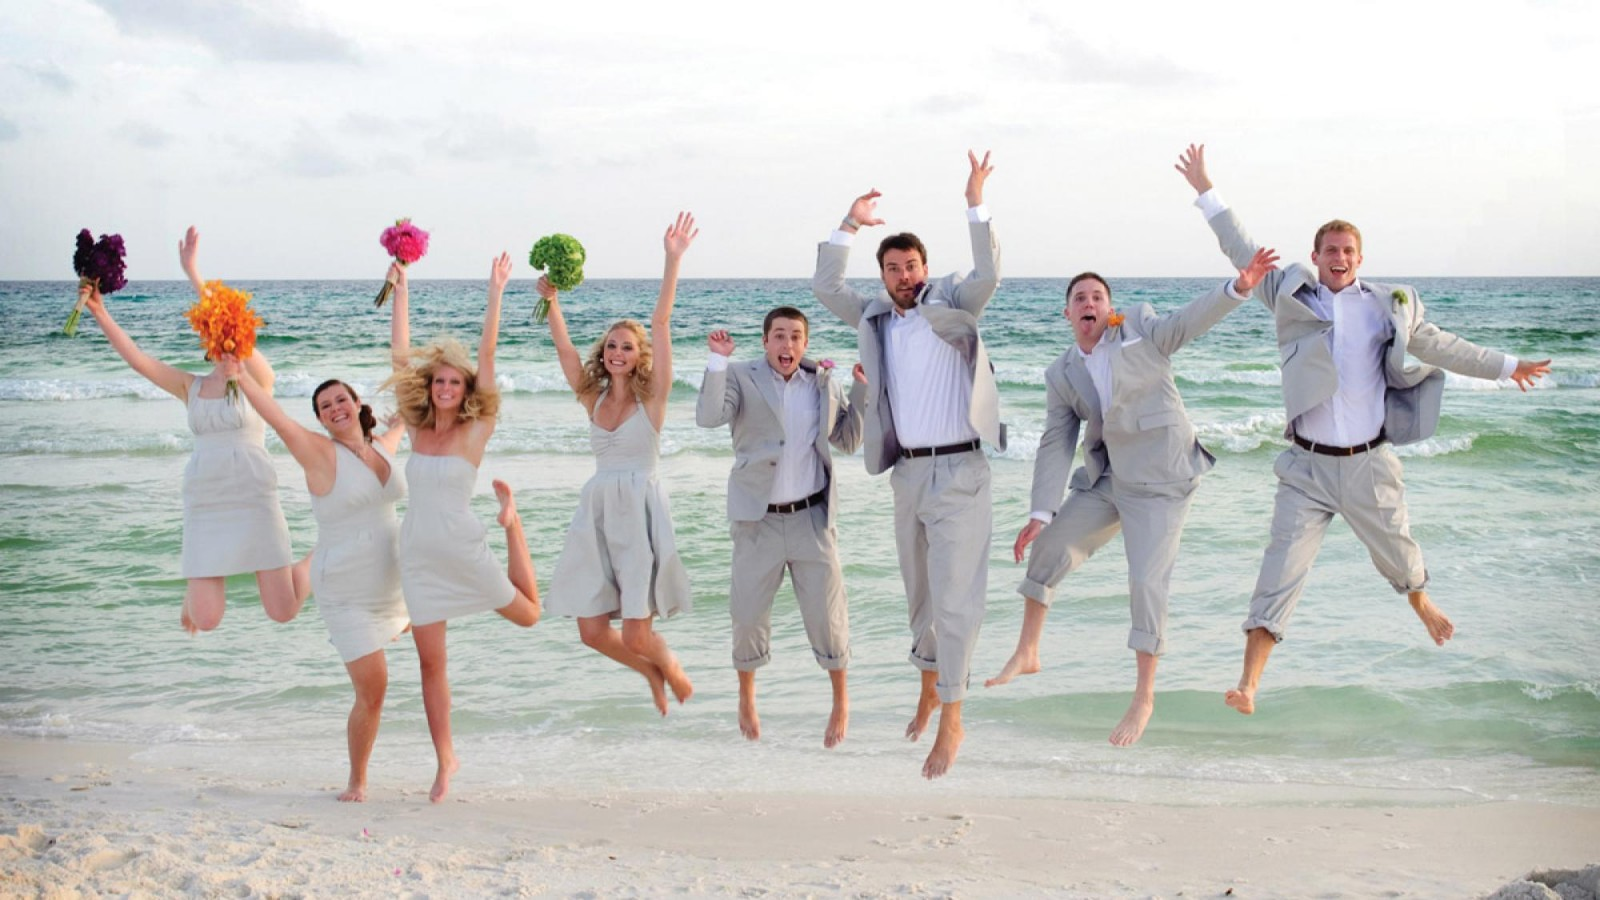 Proposta Di Matrimonio Spiaggia : Matrimonio a tema in spiaggia